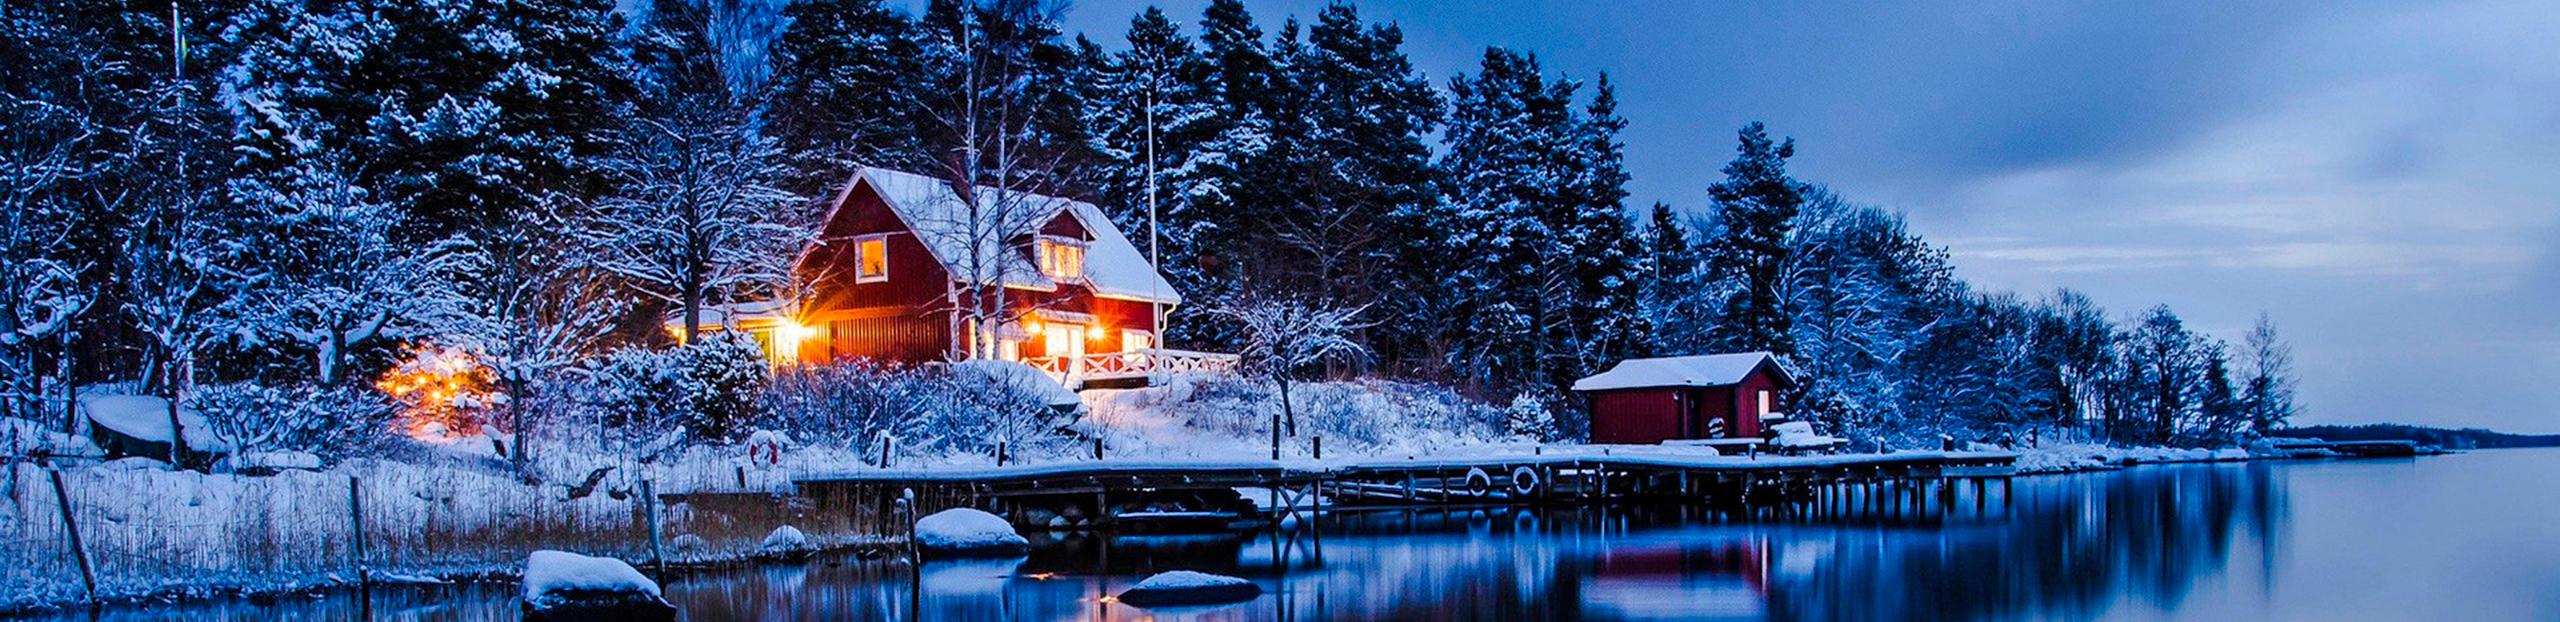 Cinderella - hytte snø